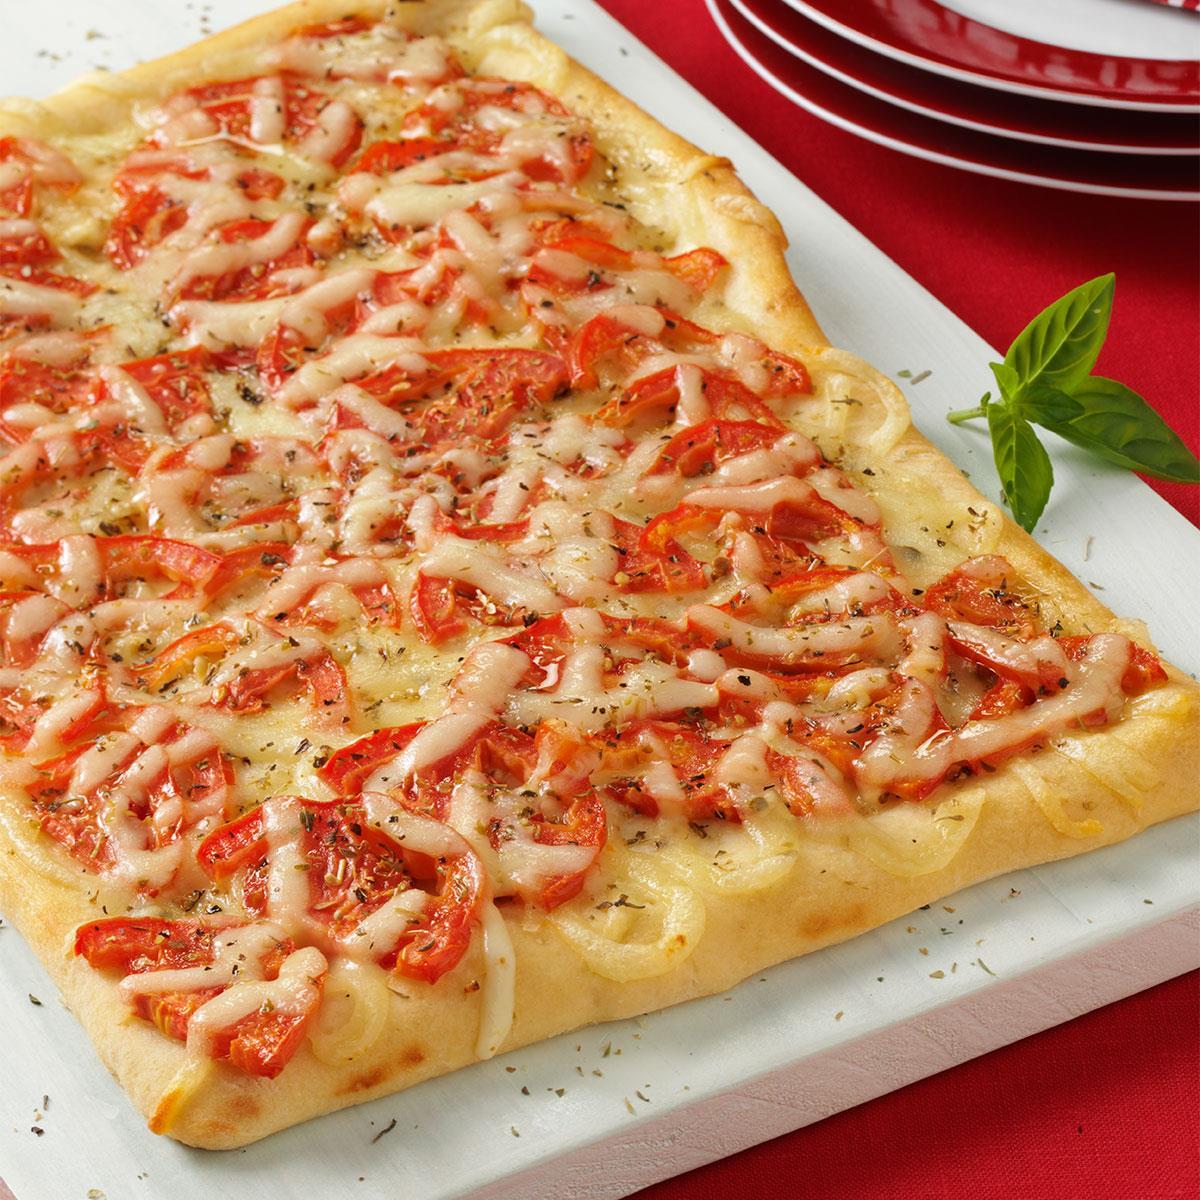 tomato pizza bread recipe taste of home. Black Bedroom Furniture Sets. Home Design Ideas